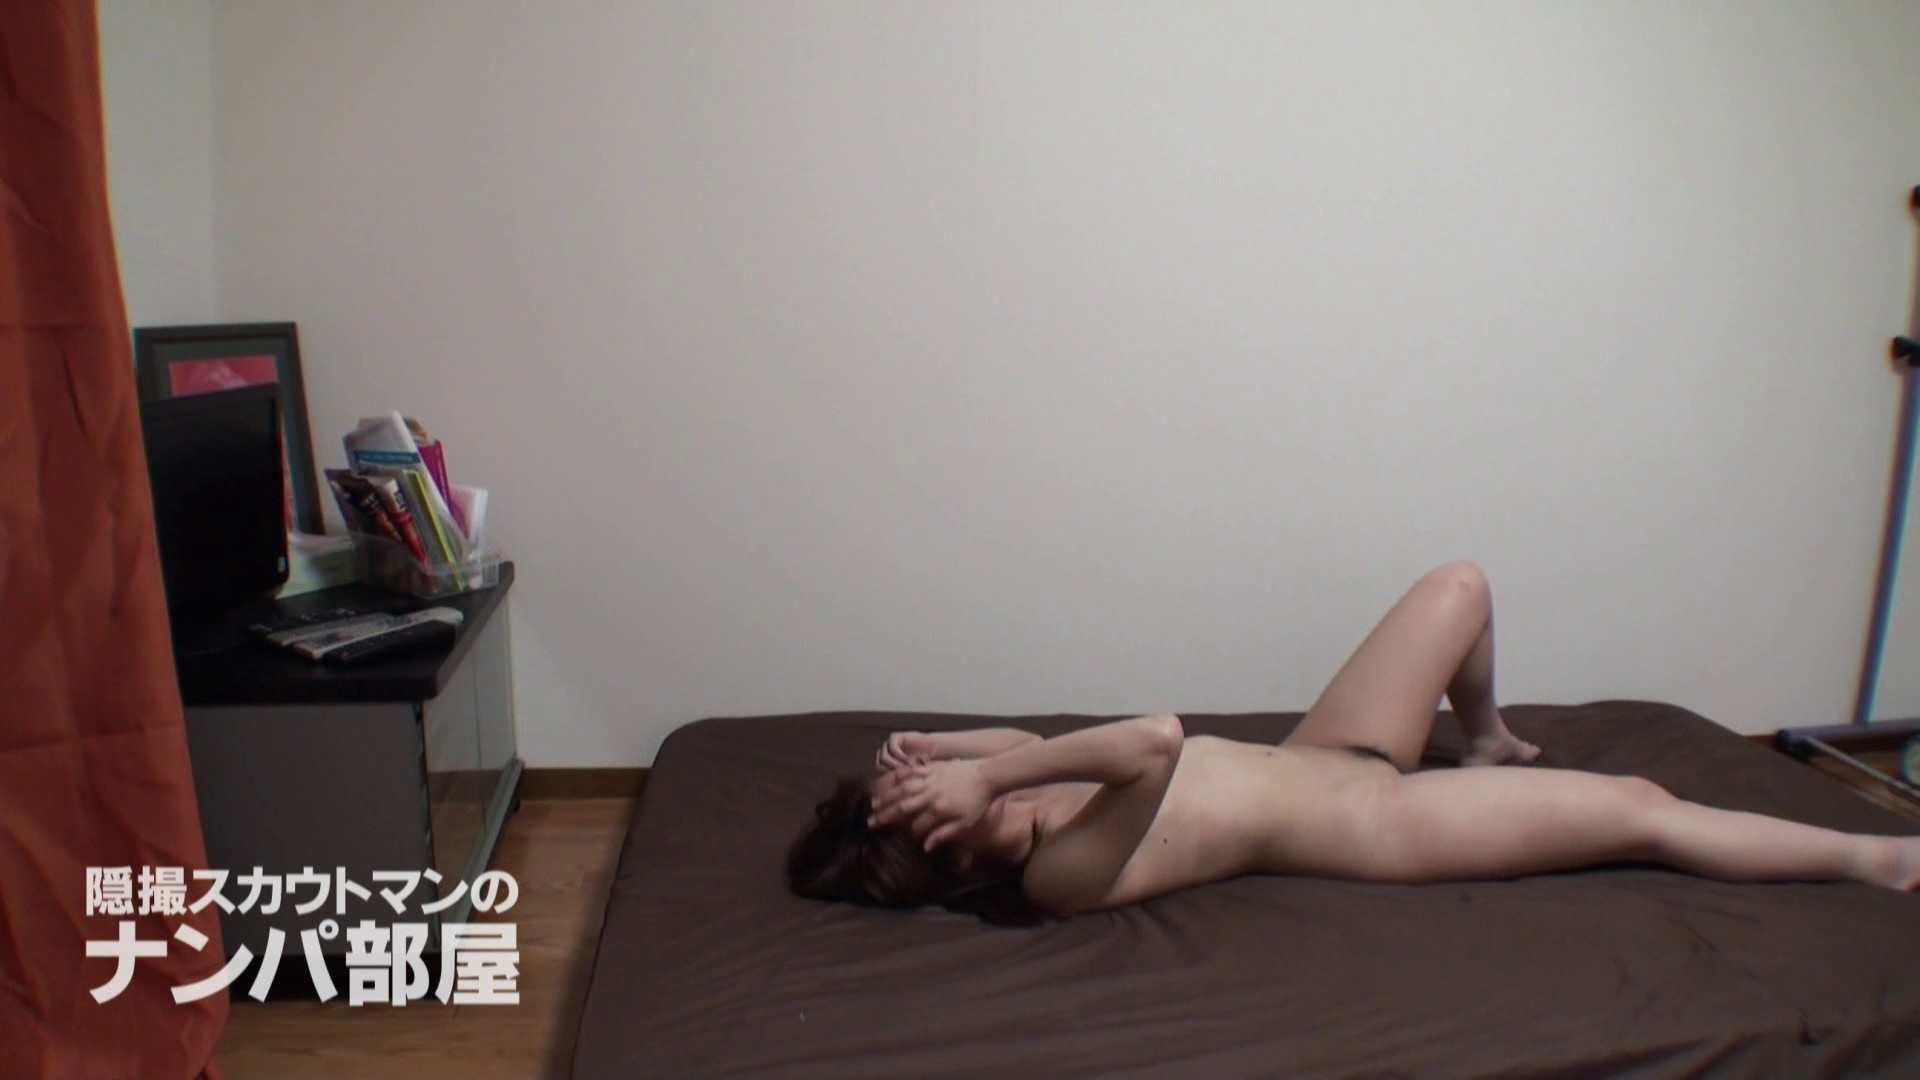 vol.2 kana セックス | 脱衣所  113画像 13